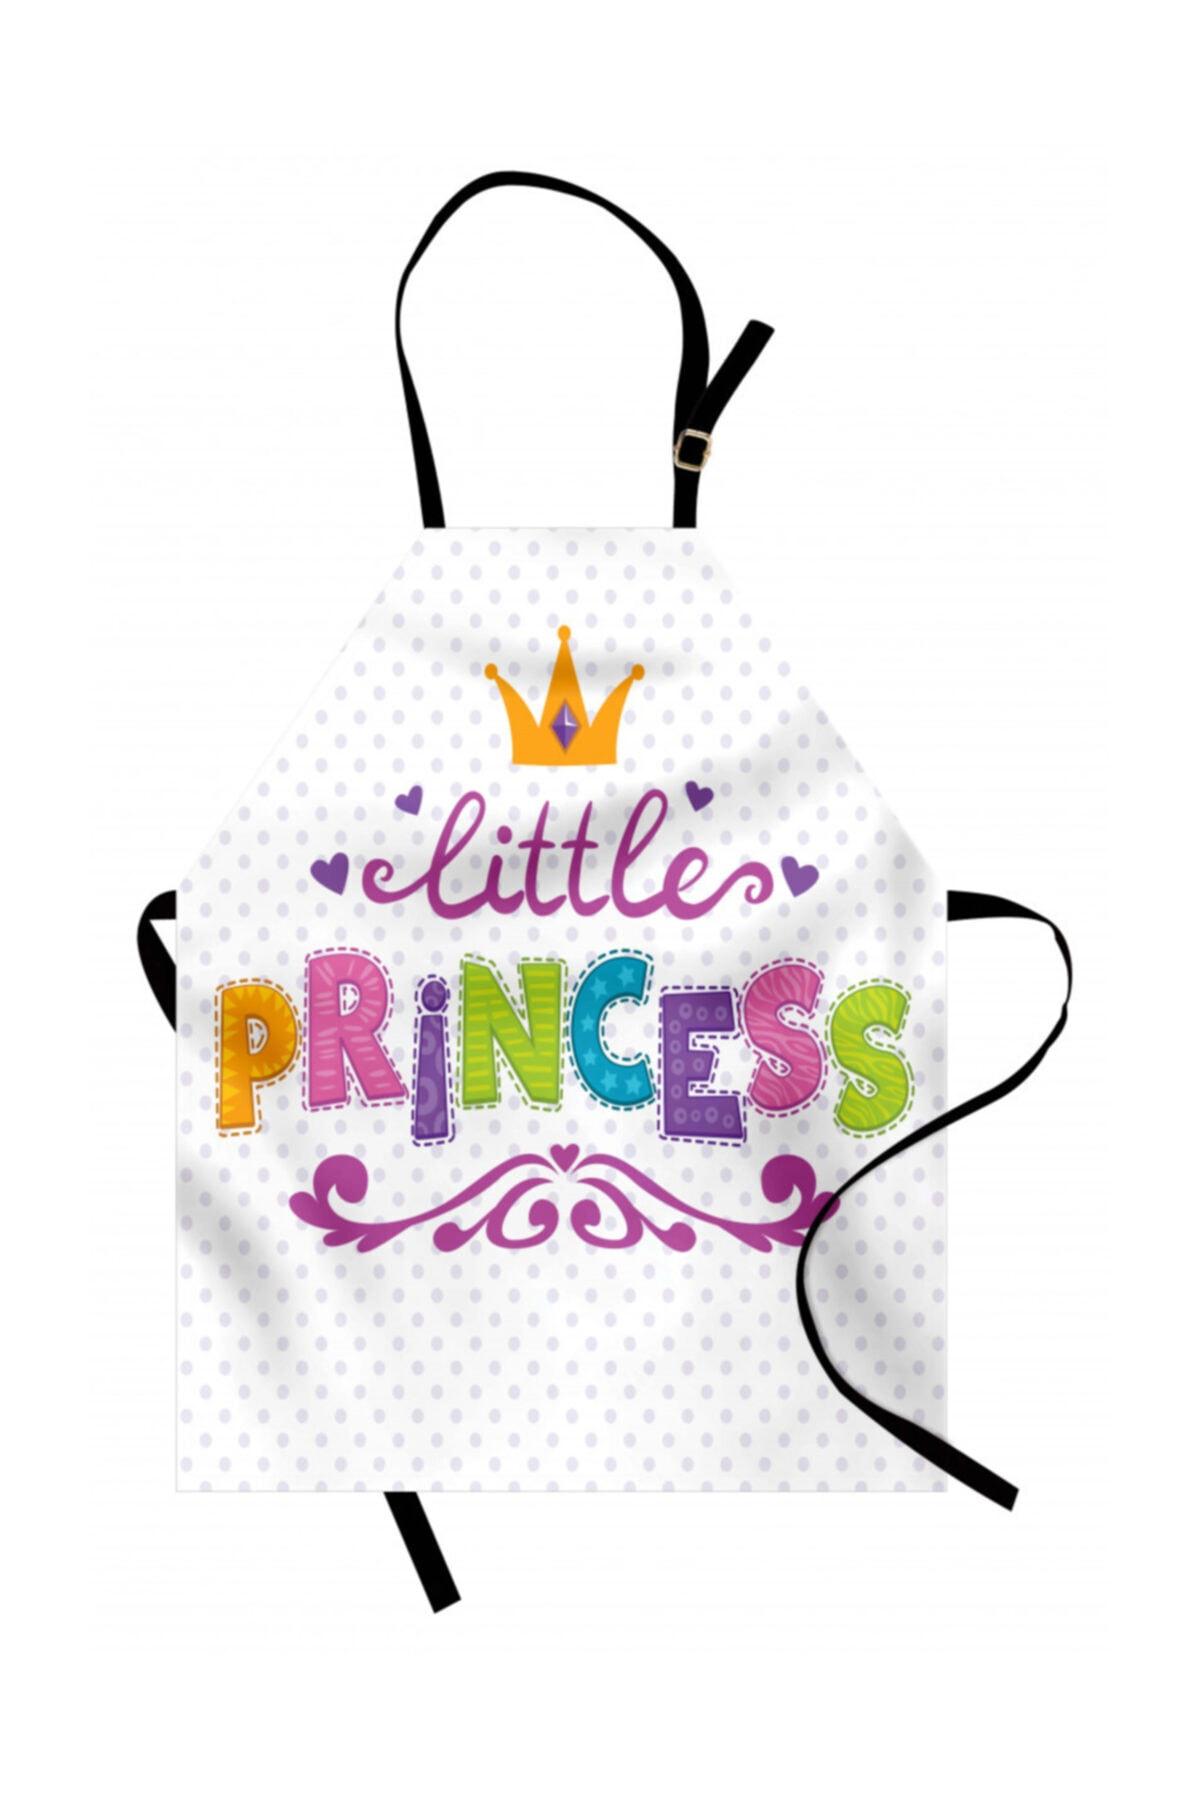 Orange Venue Çocuklar Için Mutfak Önlüğü Küçük Prenses 1